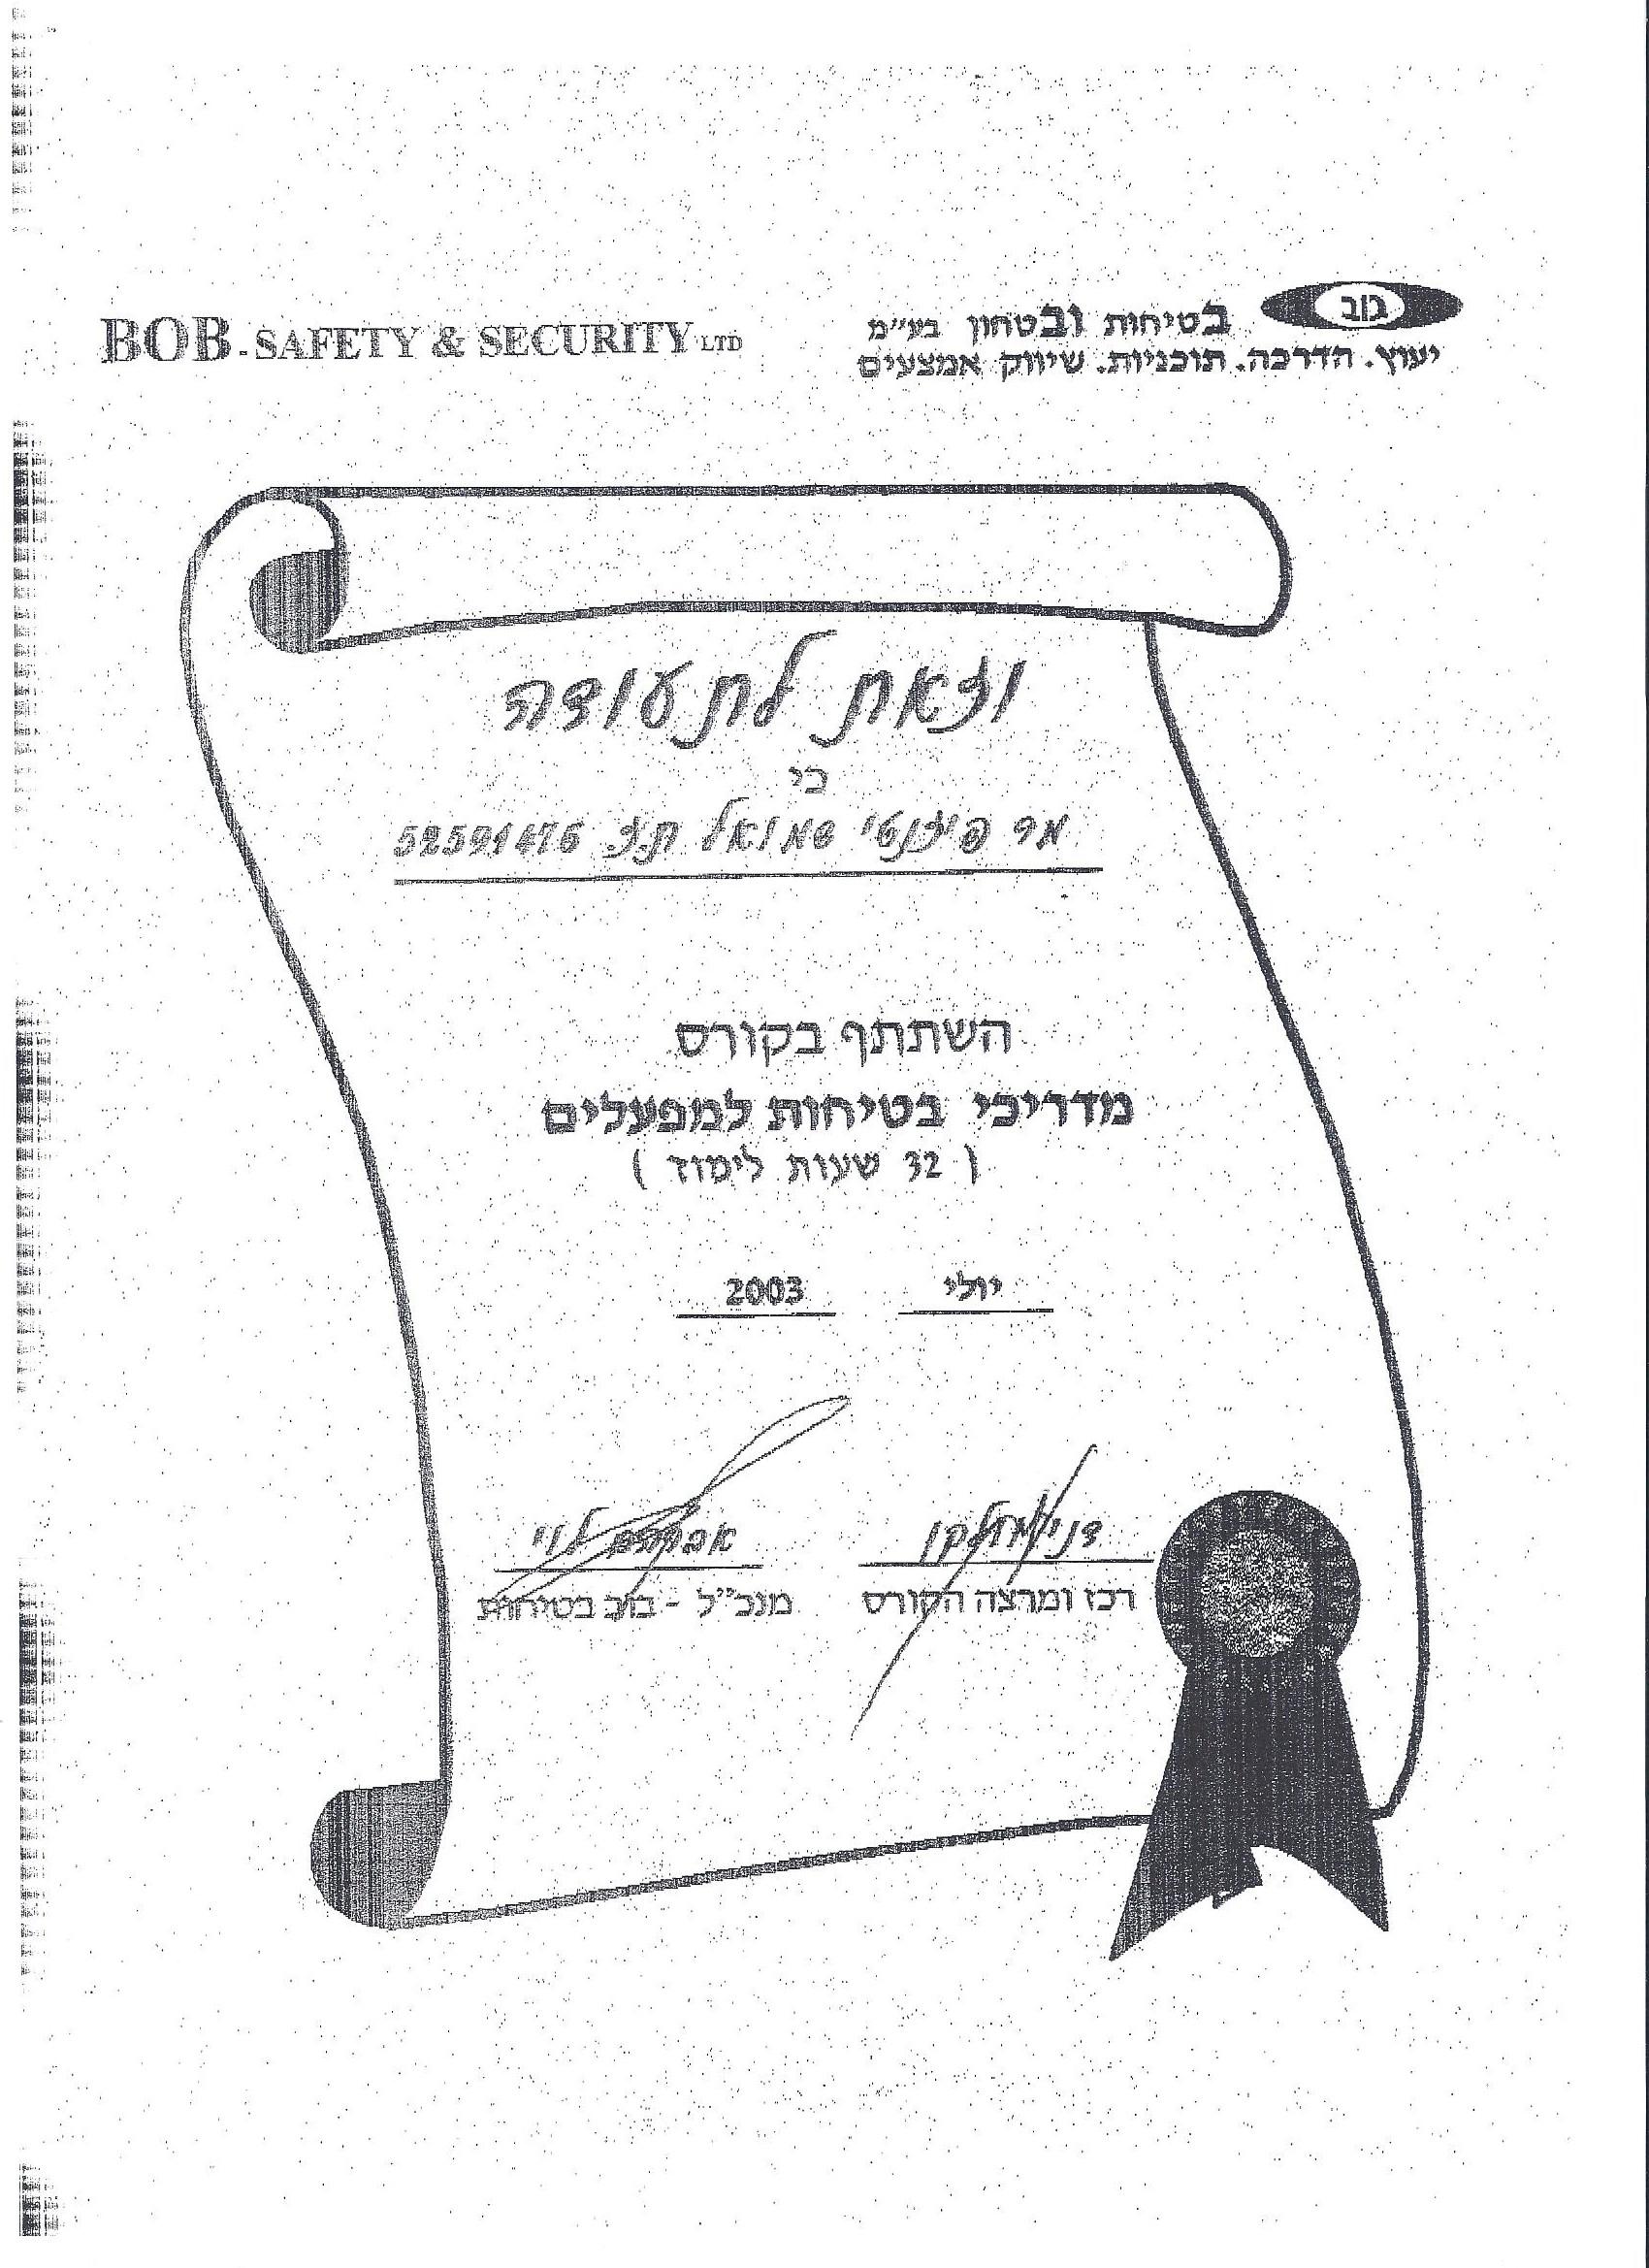 תעודה בטיחות מפעלים לאתר